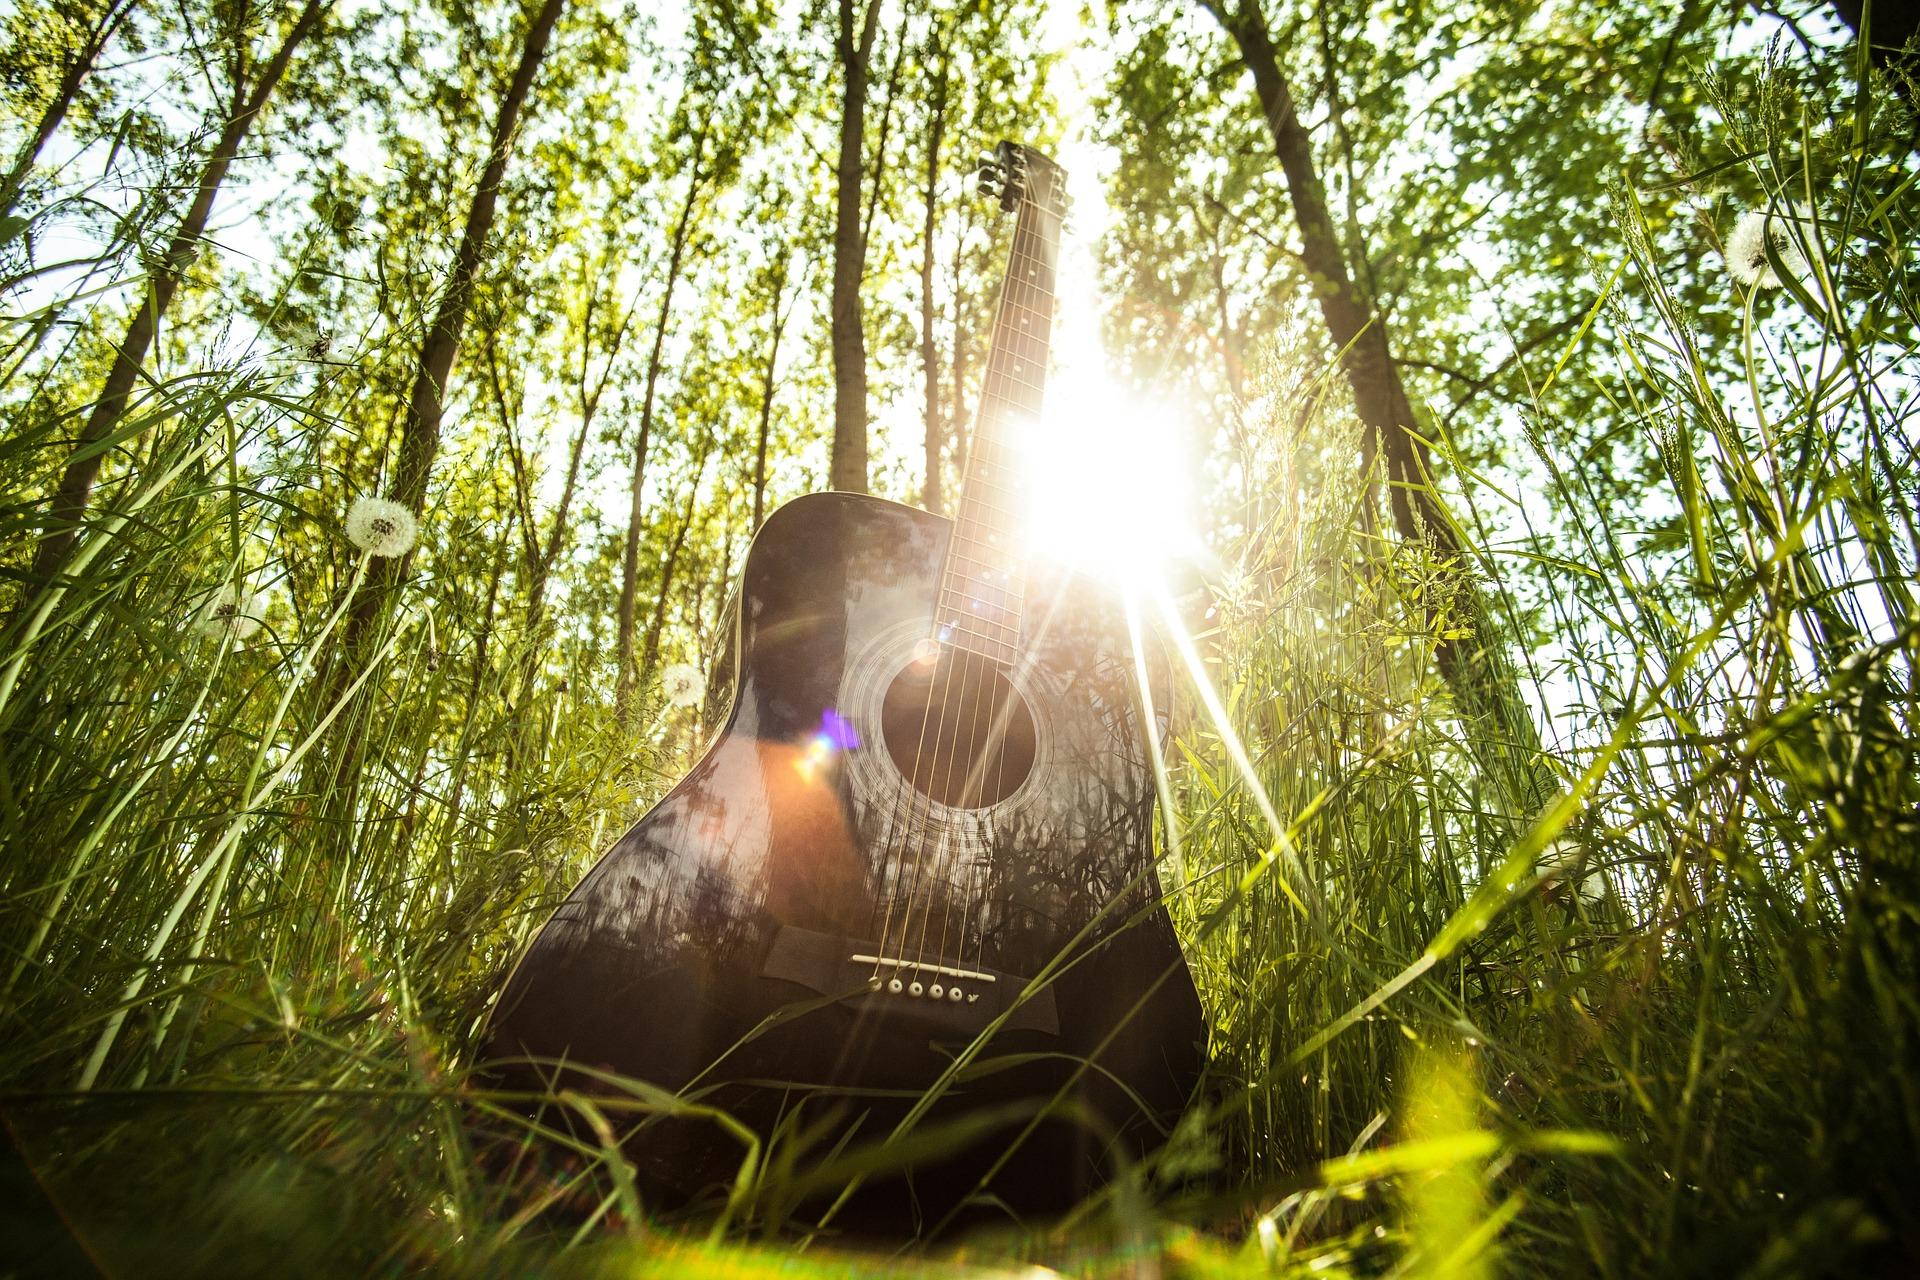 Musik malt innere Bilder